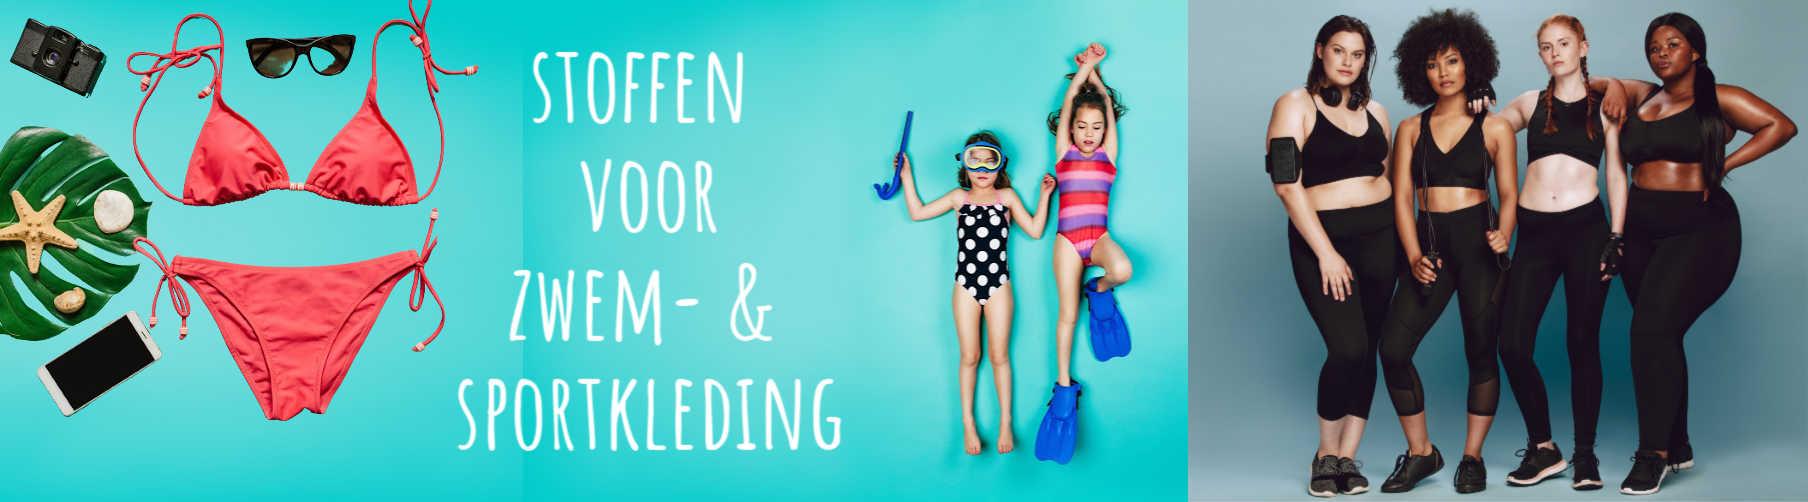 zwem en sportkleding